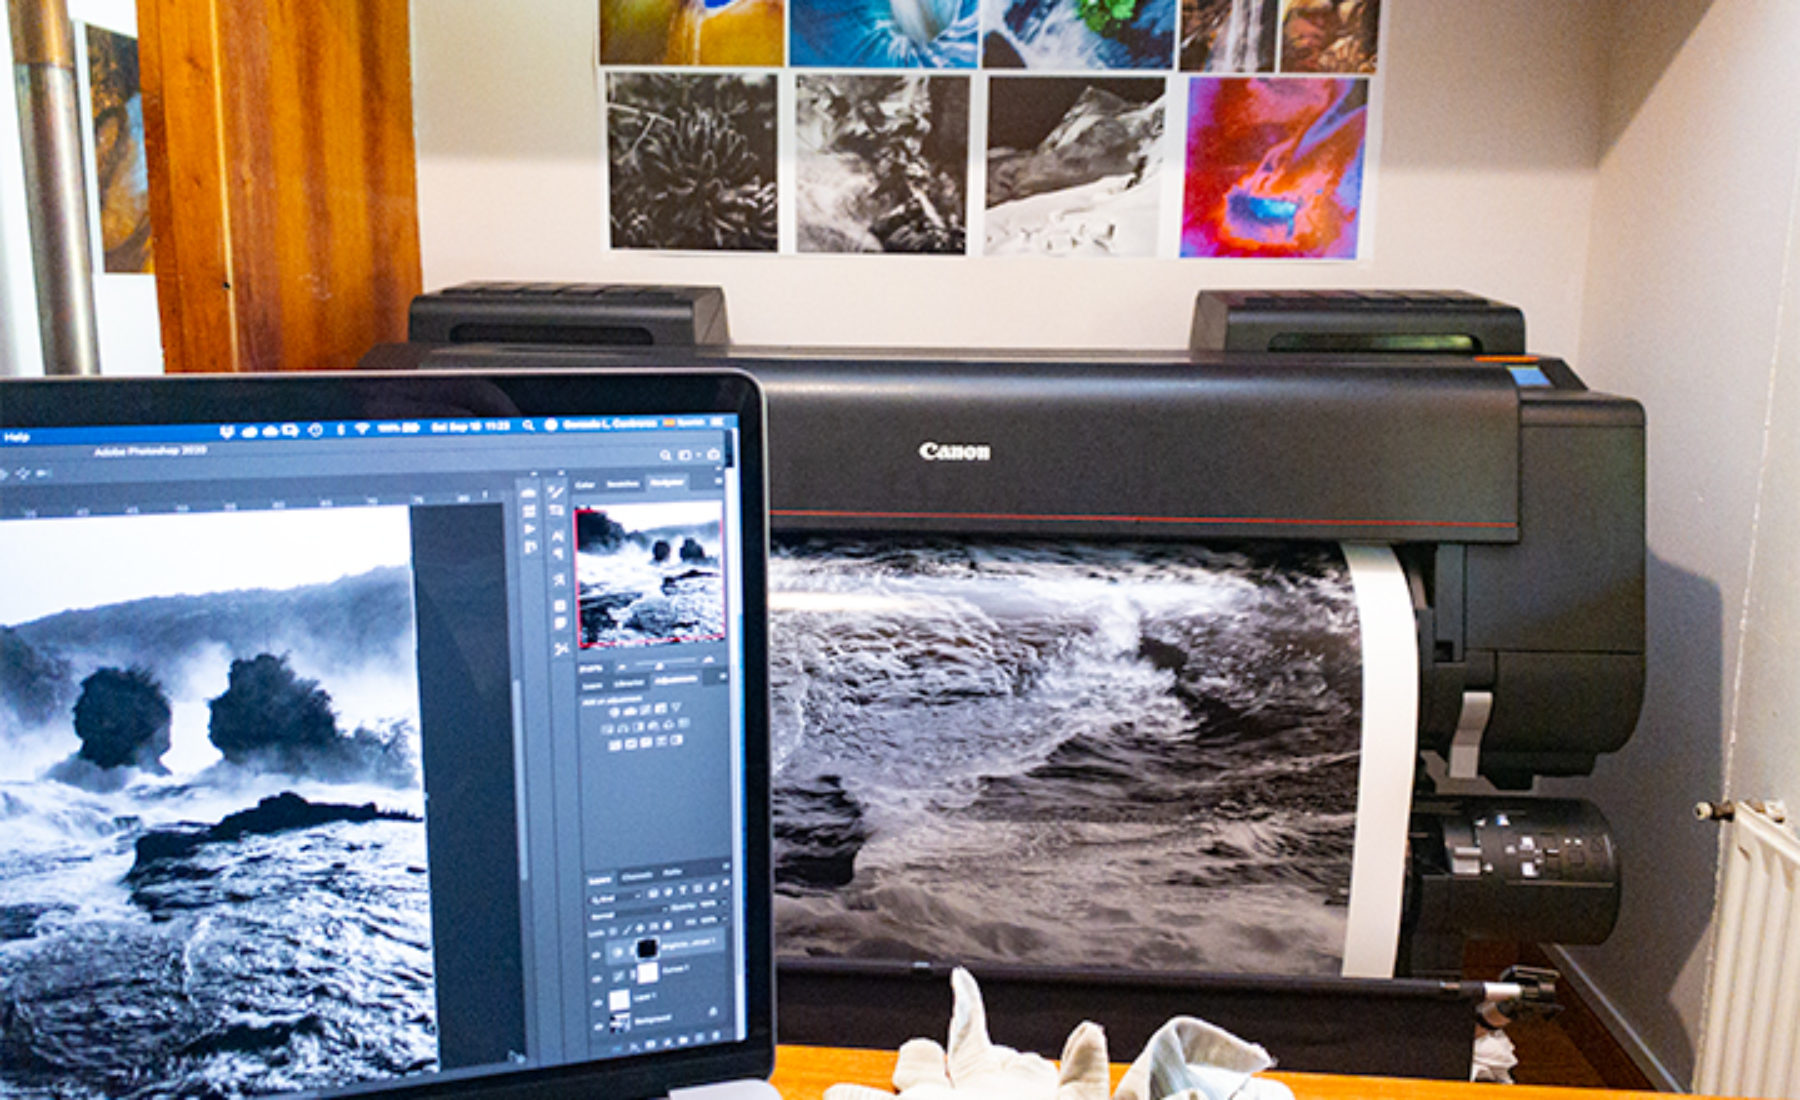 Canon imagePROGRAF Pro-4000 at Calera de Tango